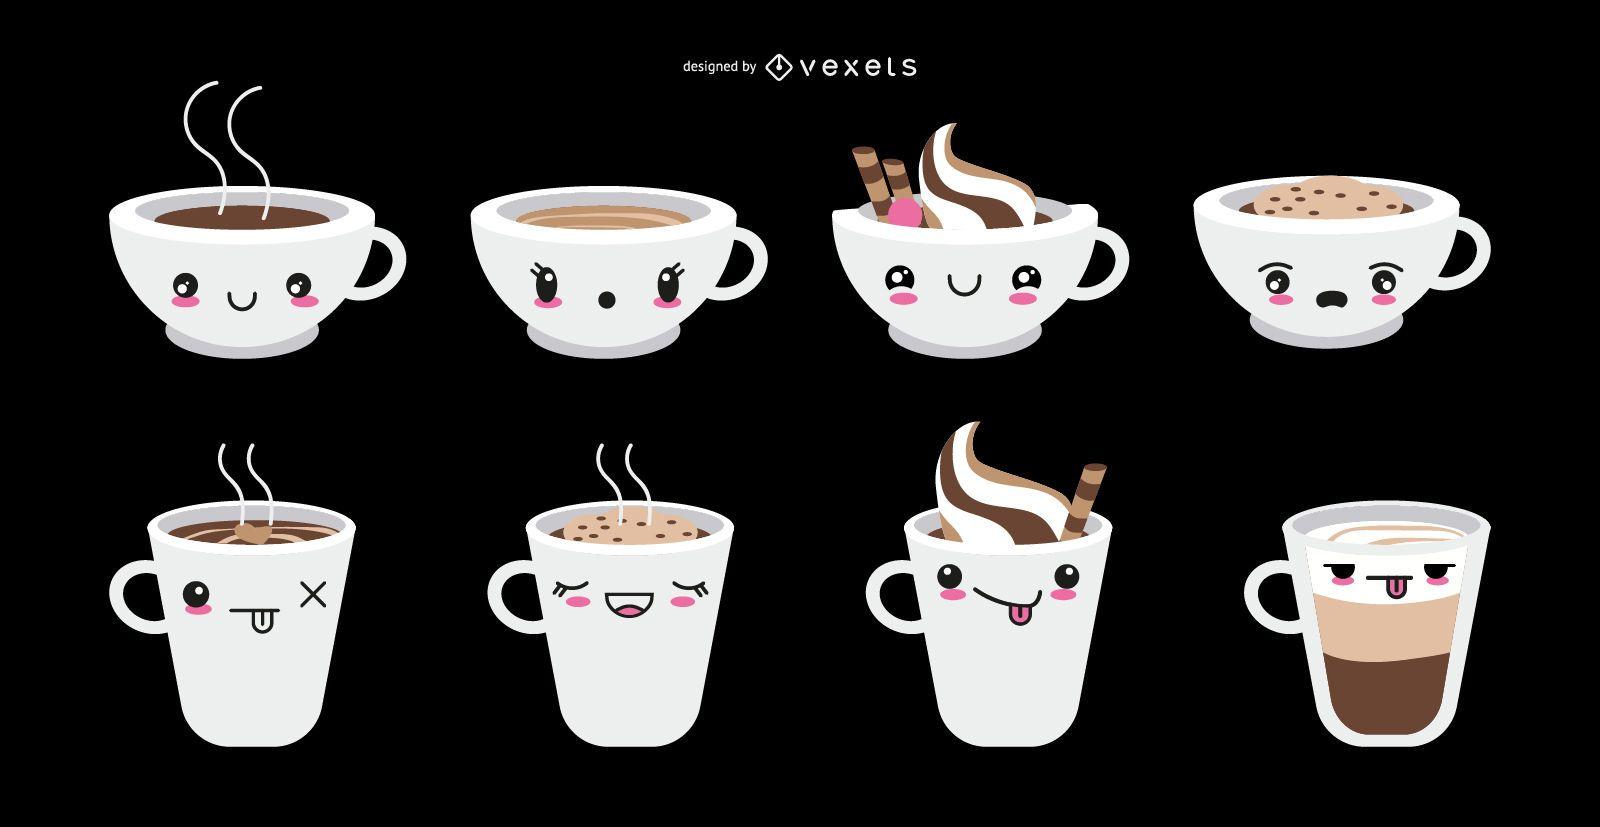 Juego de tazas de café con emoticonos kawaii